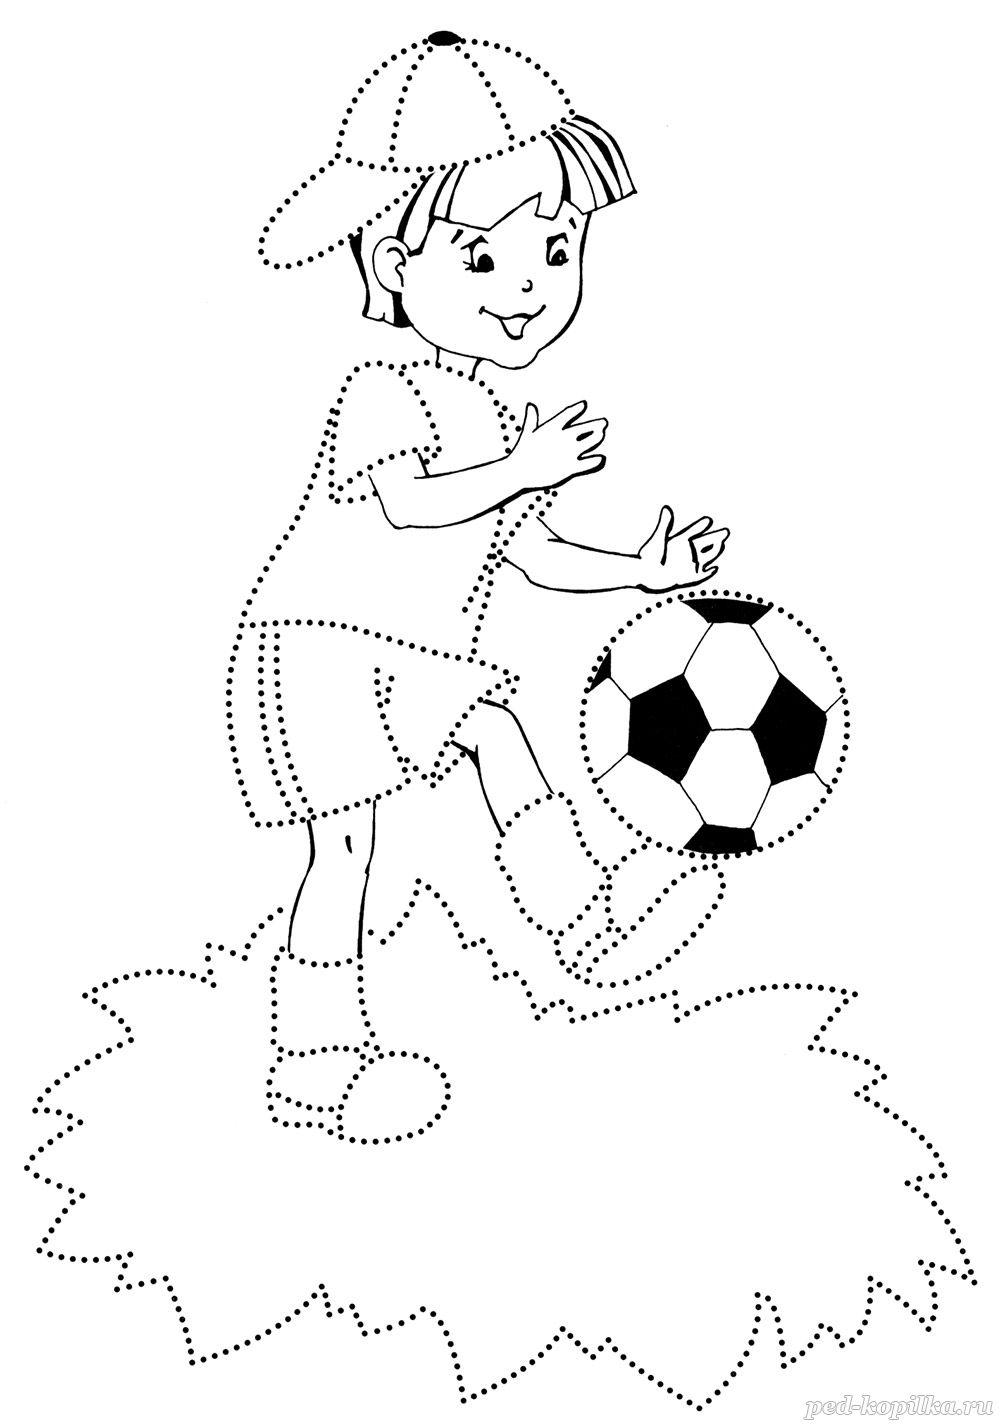 раскраска мальчик играет с мячом